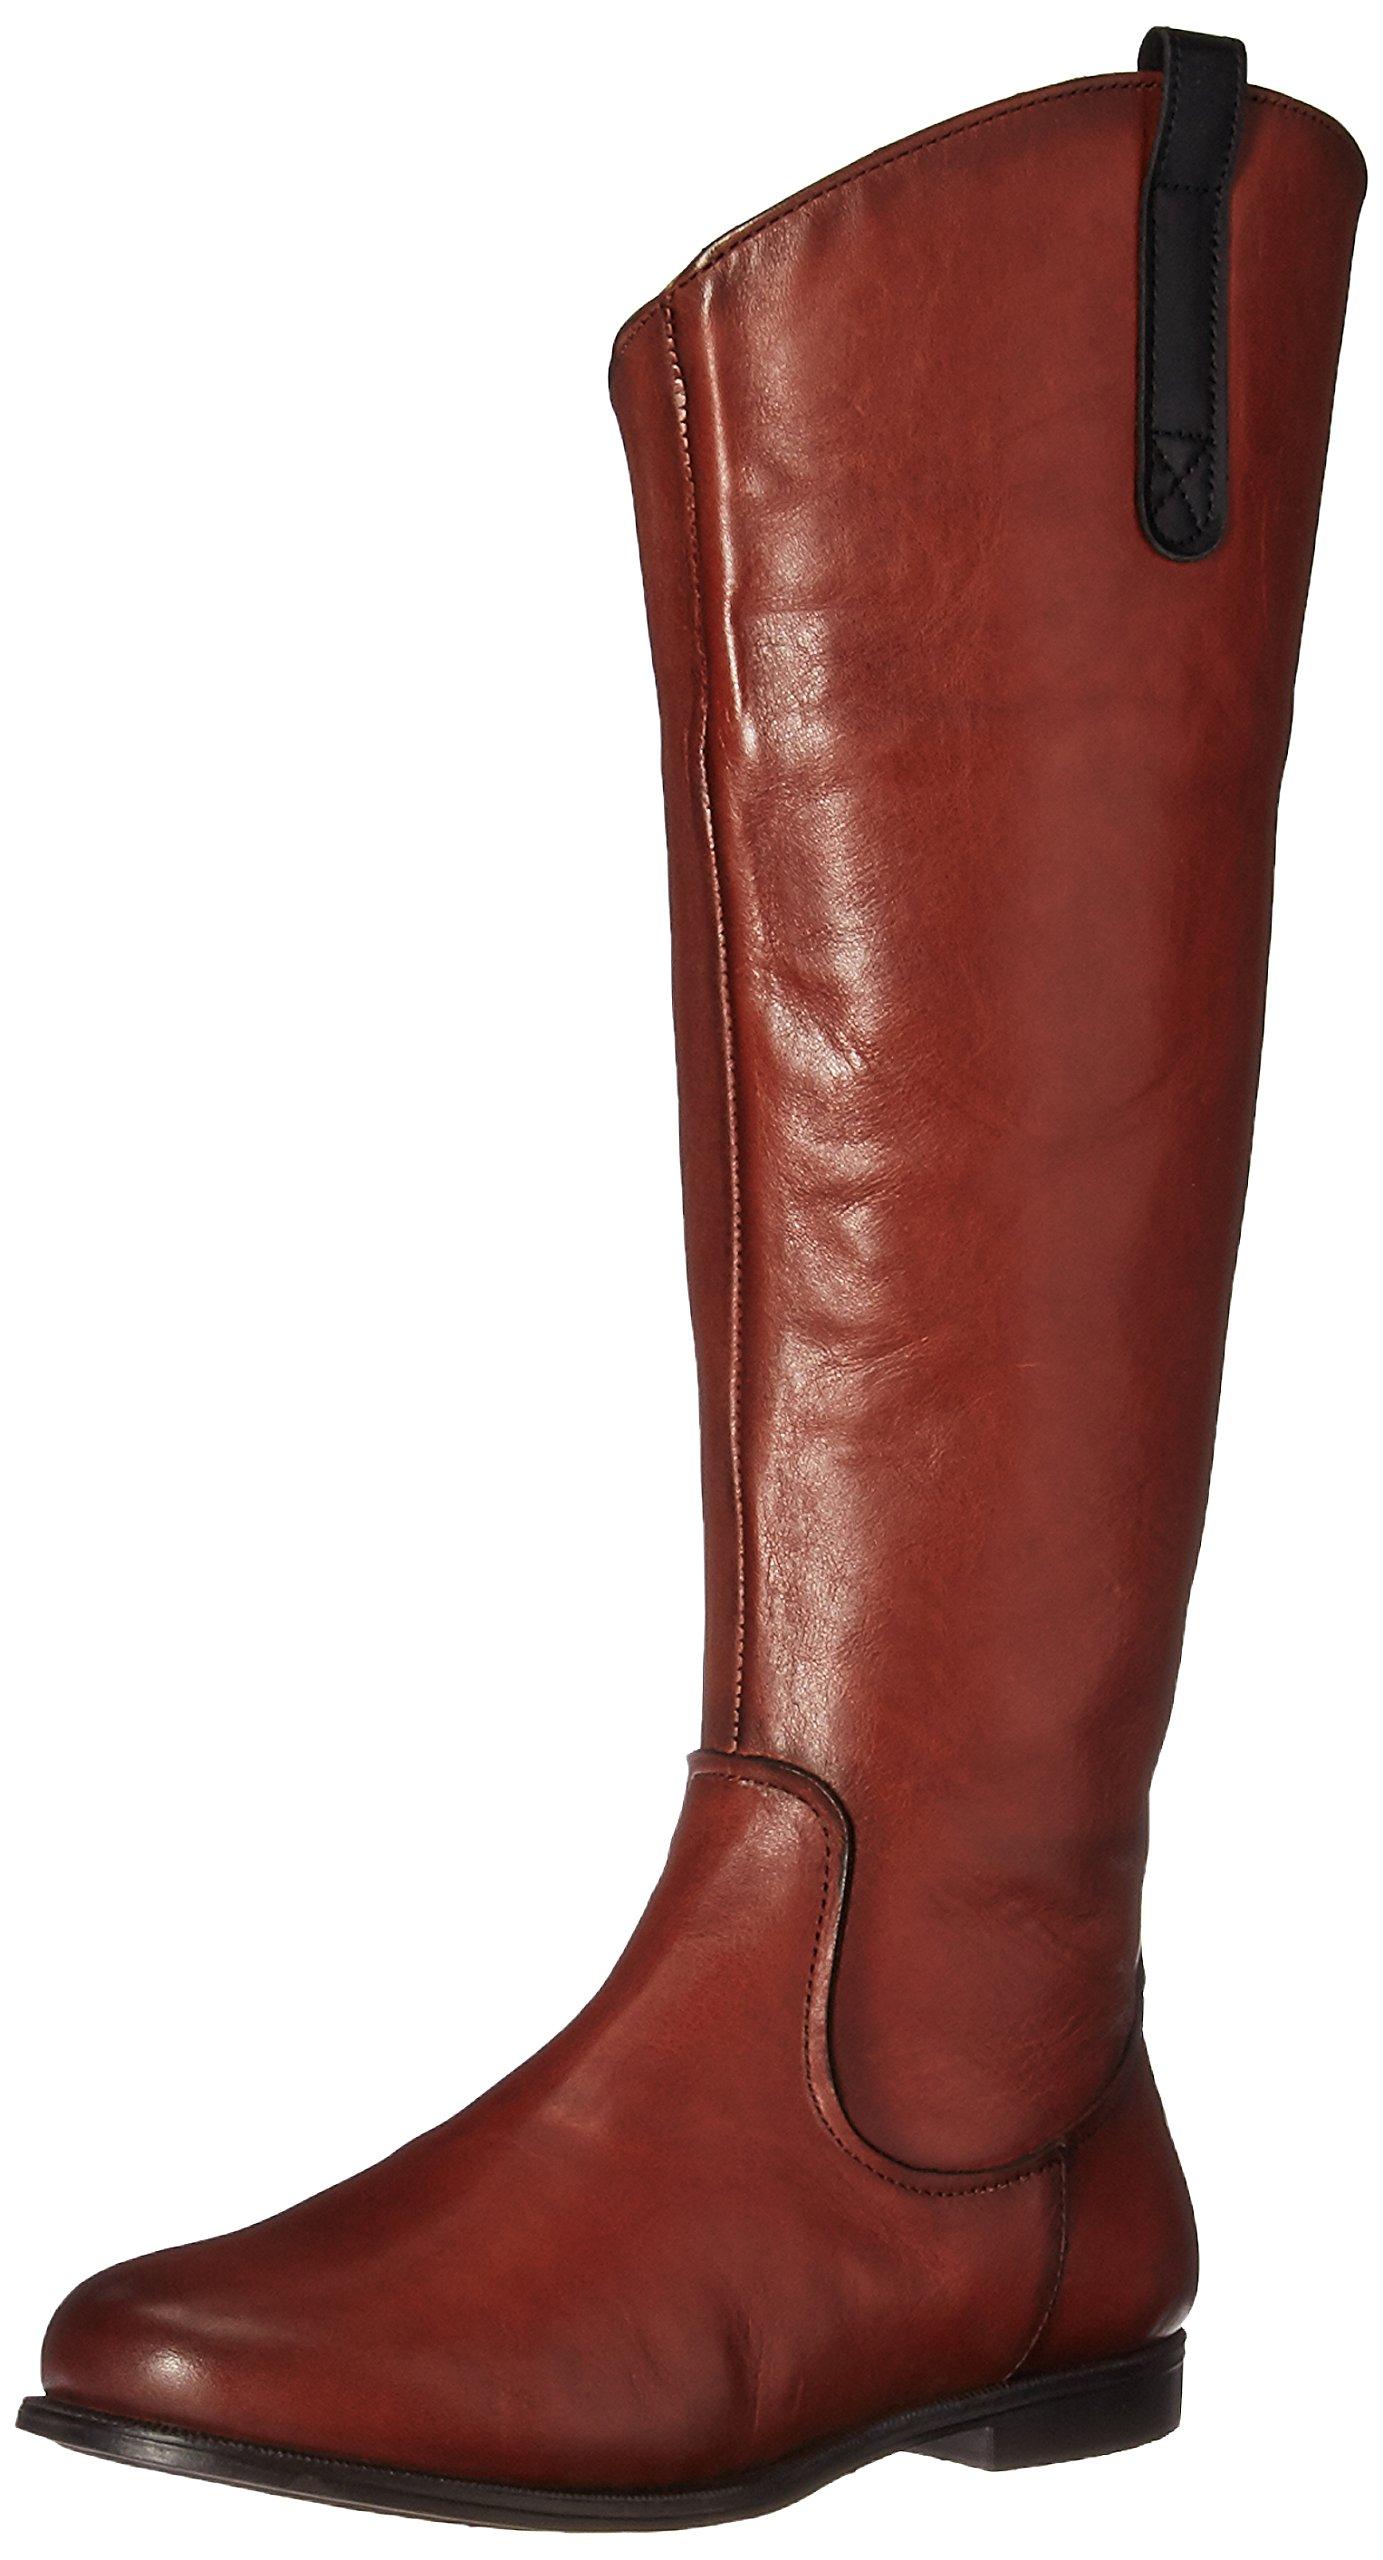 Sebago Leather38 BootBottes Cavalières Tall Plaza Eu FemmeMarroncognac Yfyv6b7g